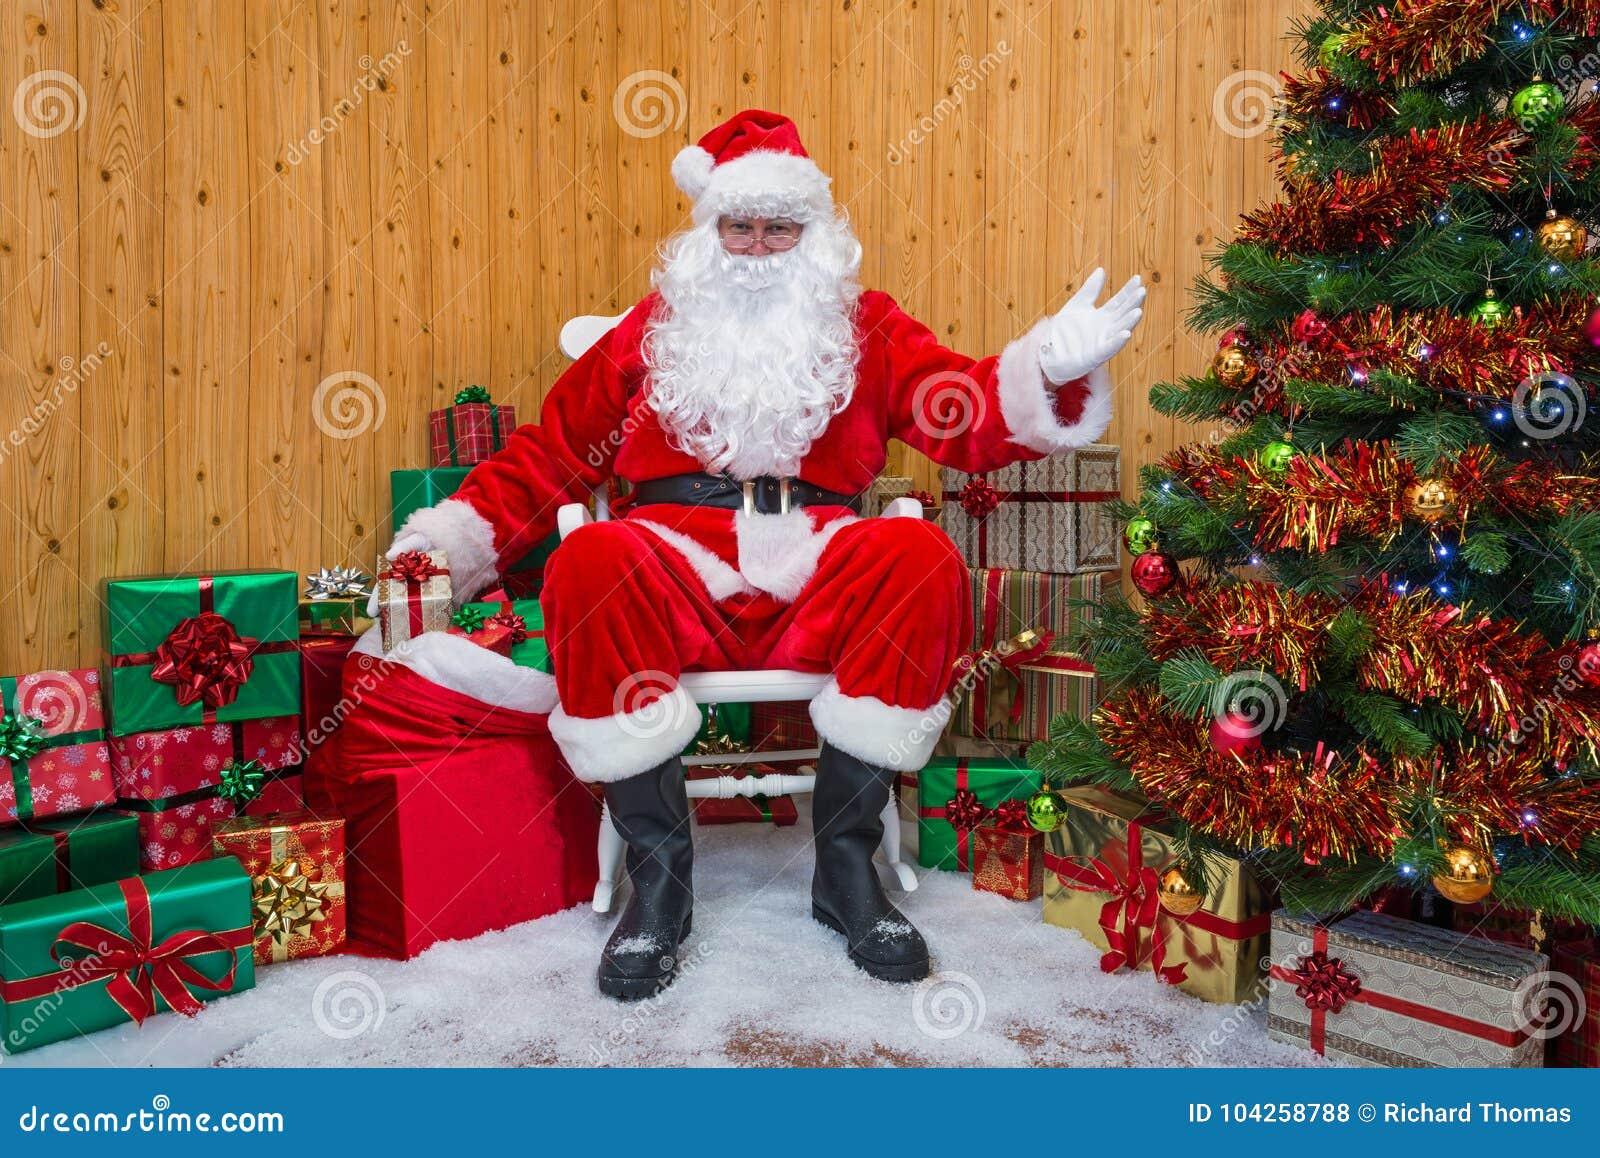 Santa Claus in einer Grotte Geschenke austeilend